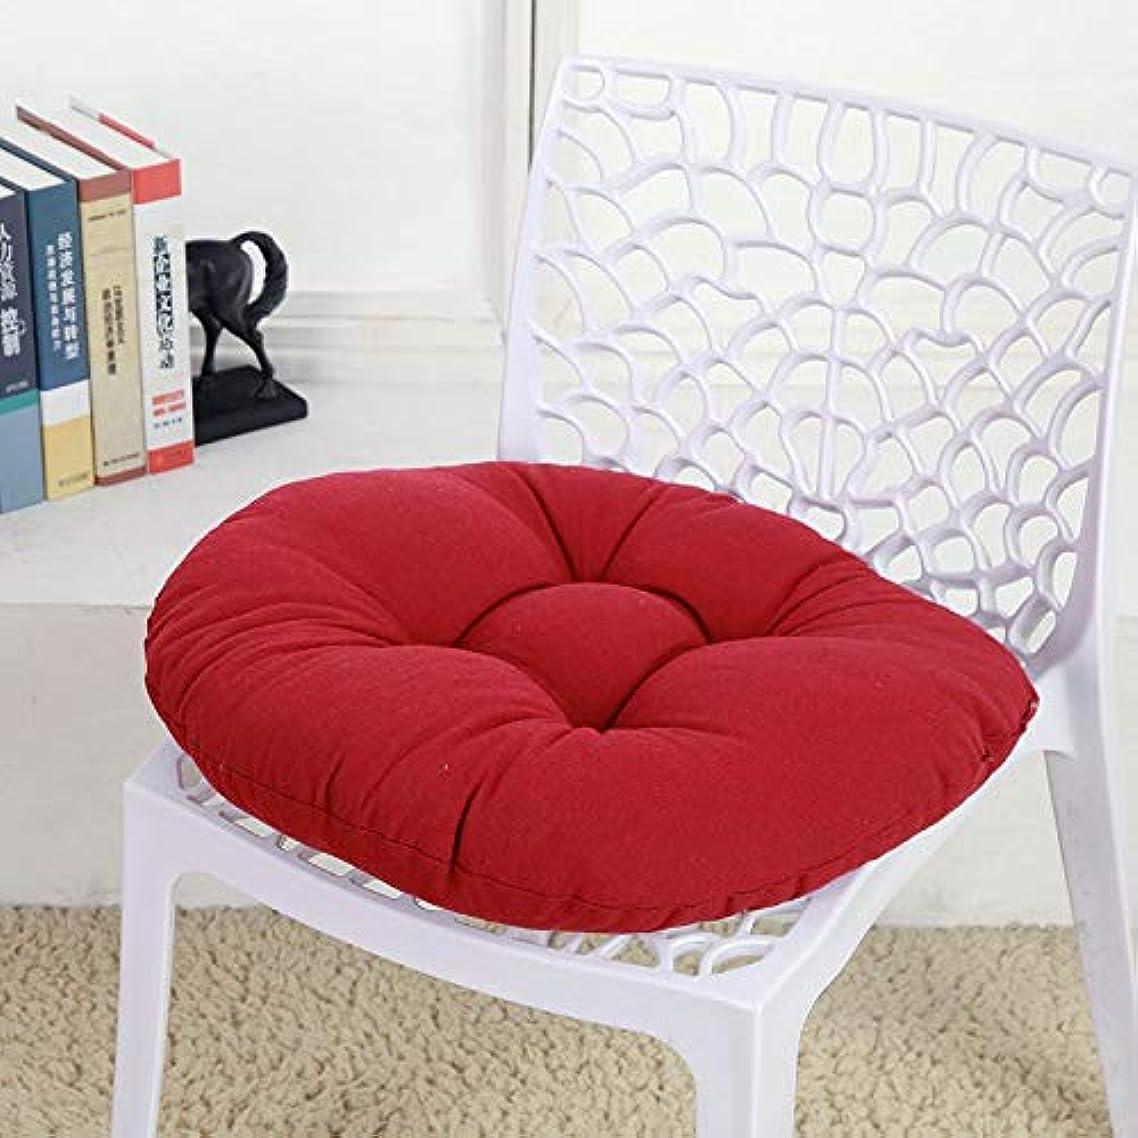 マットレスベーシックほめるLIFE キャンディカラーのクッションラウンドシートクッション波ウィンドウシートクッションクッション家の装飾パッドラウンド枕シート枕椅子座る枕 クッション 椅子